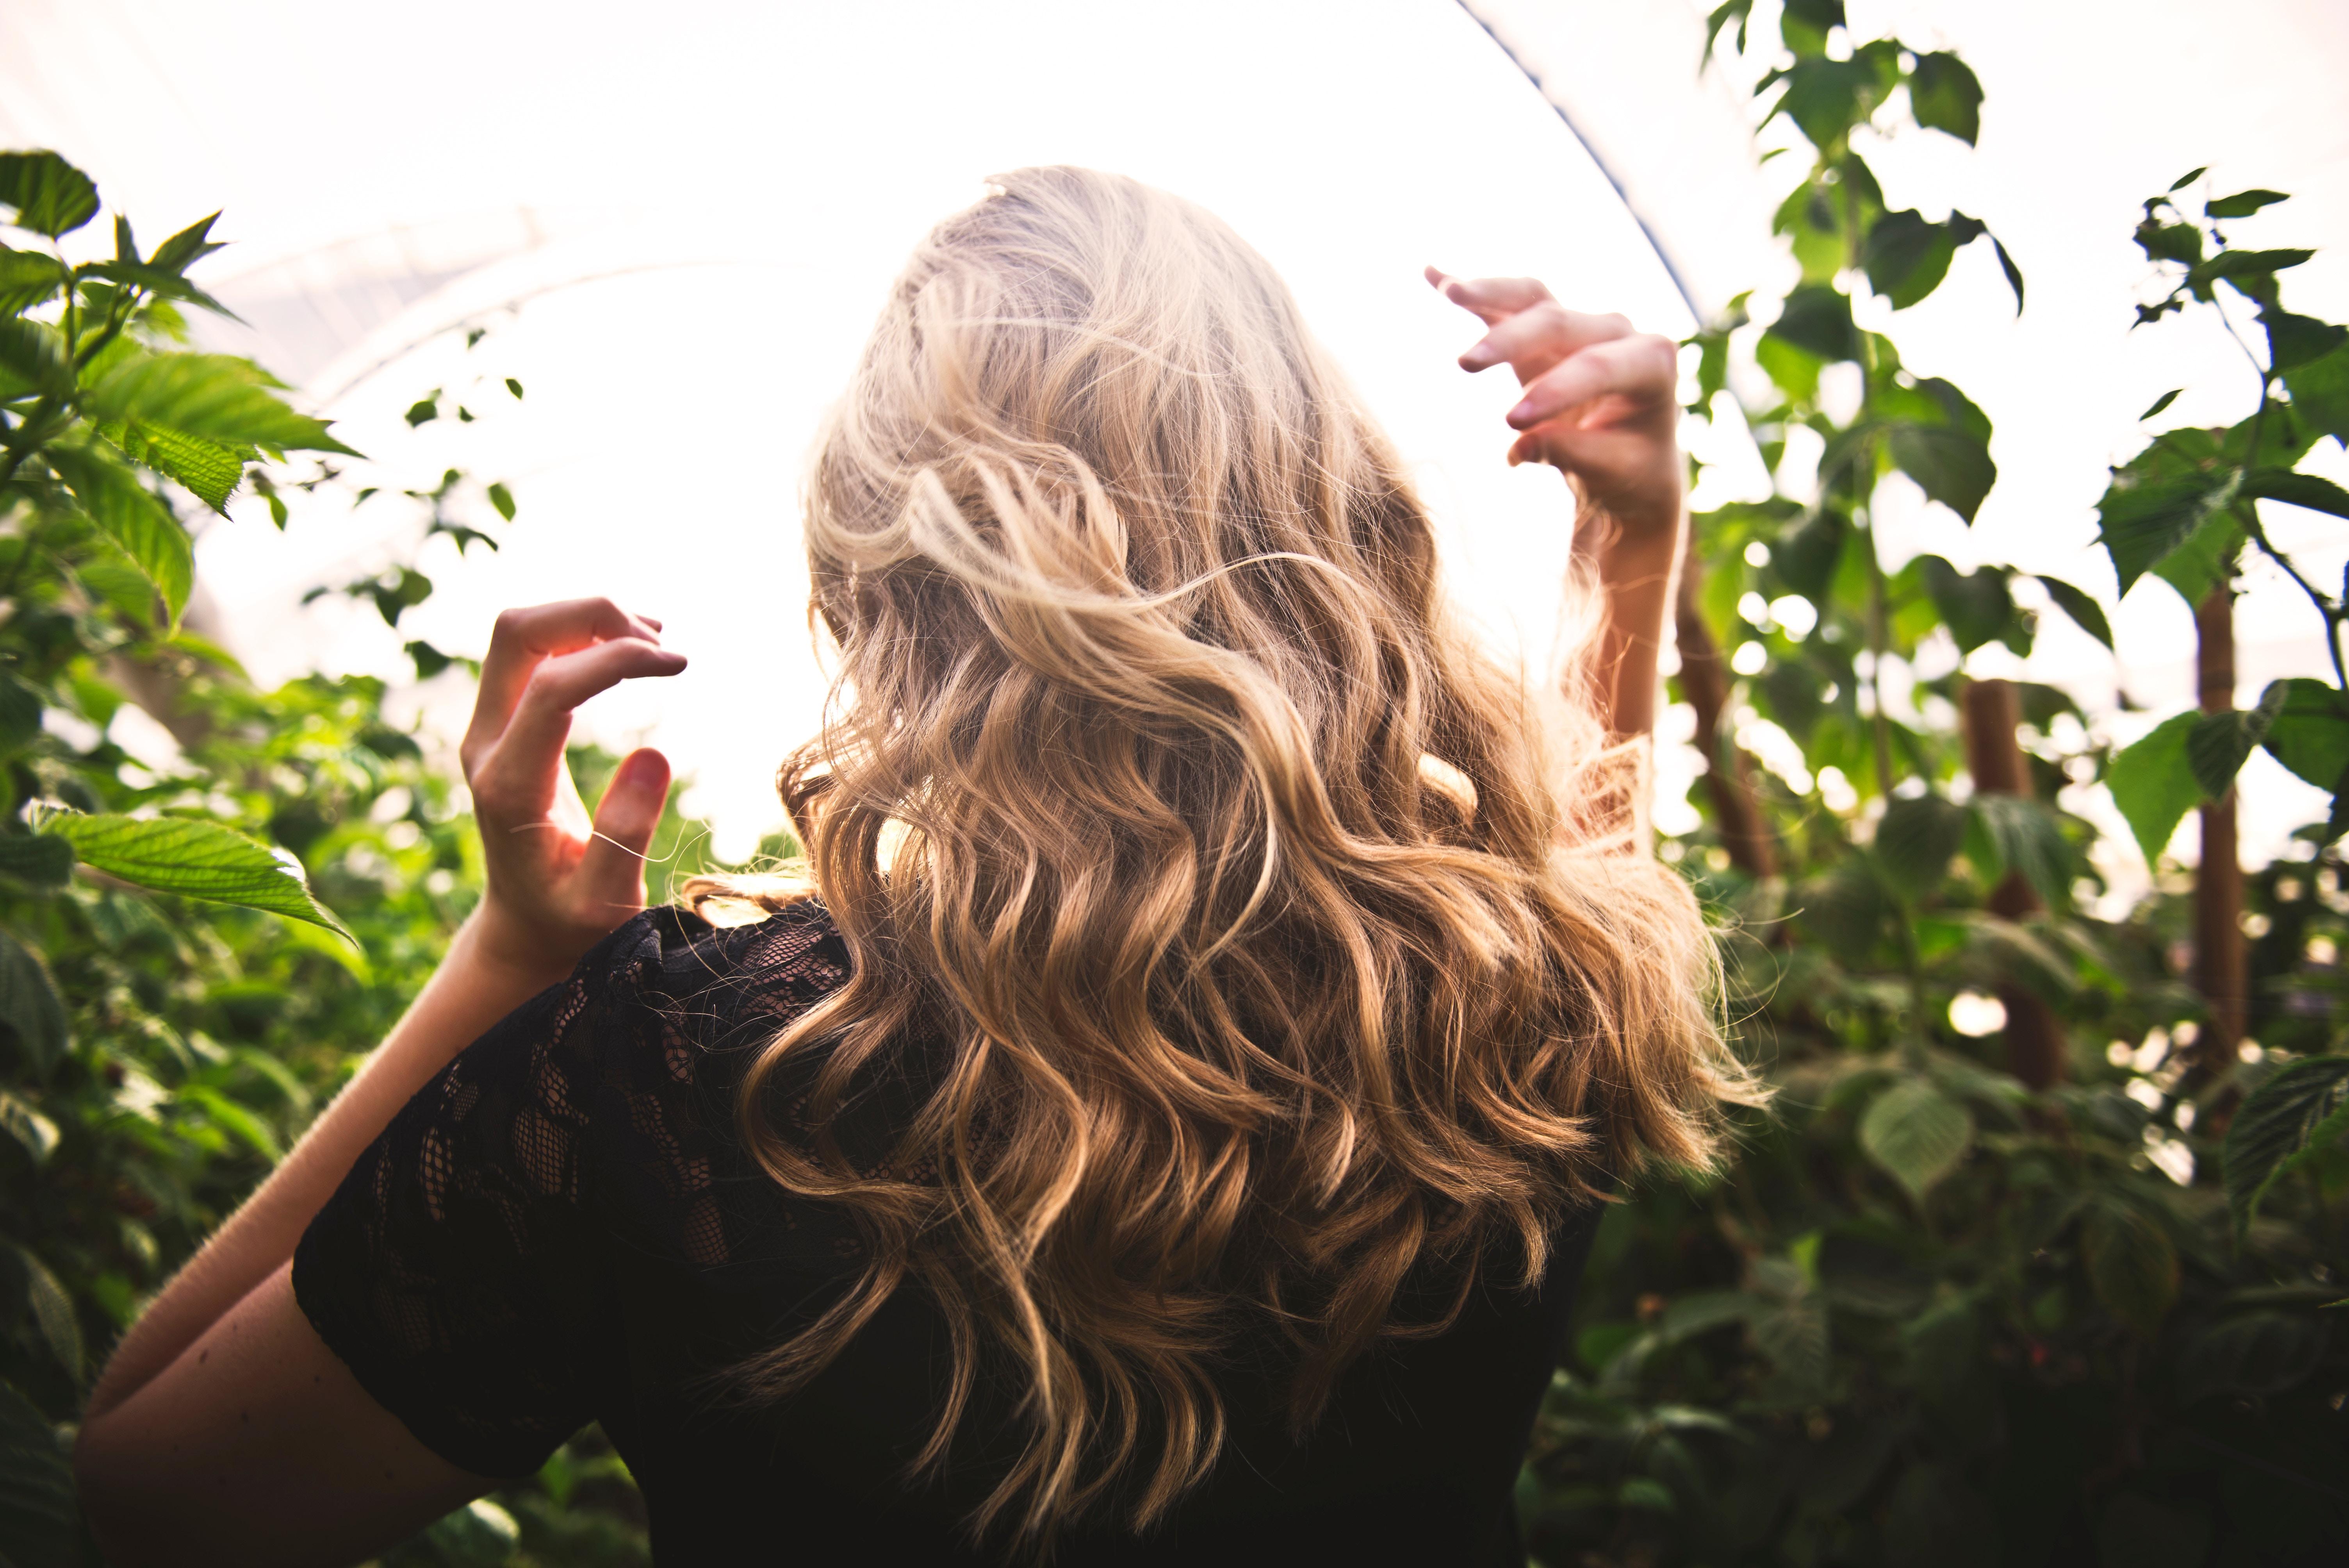 Pourquoi porter des rajouts de cheveux ? 1